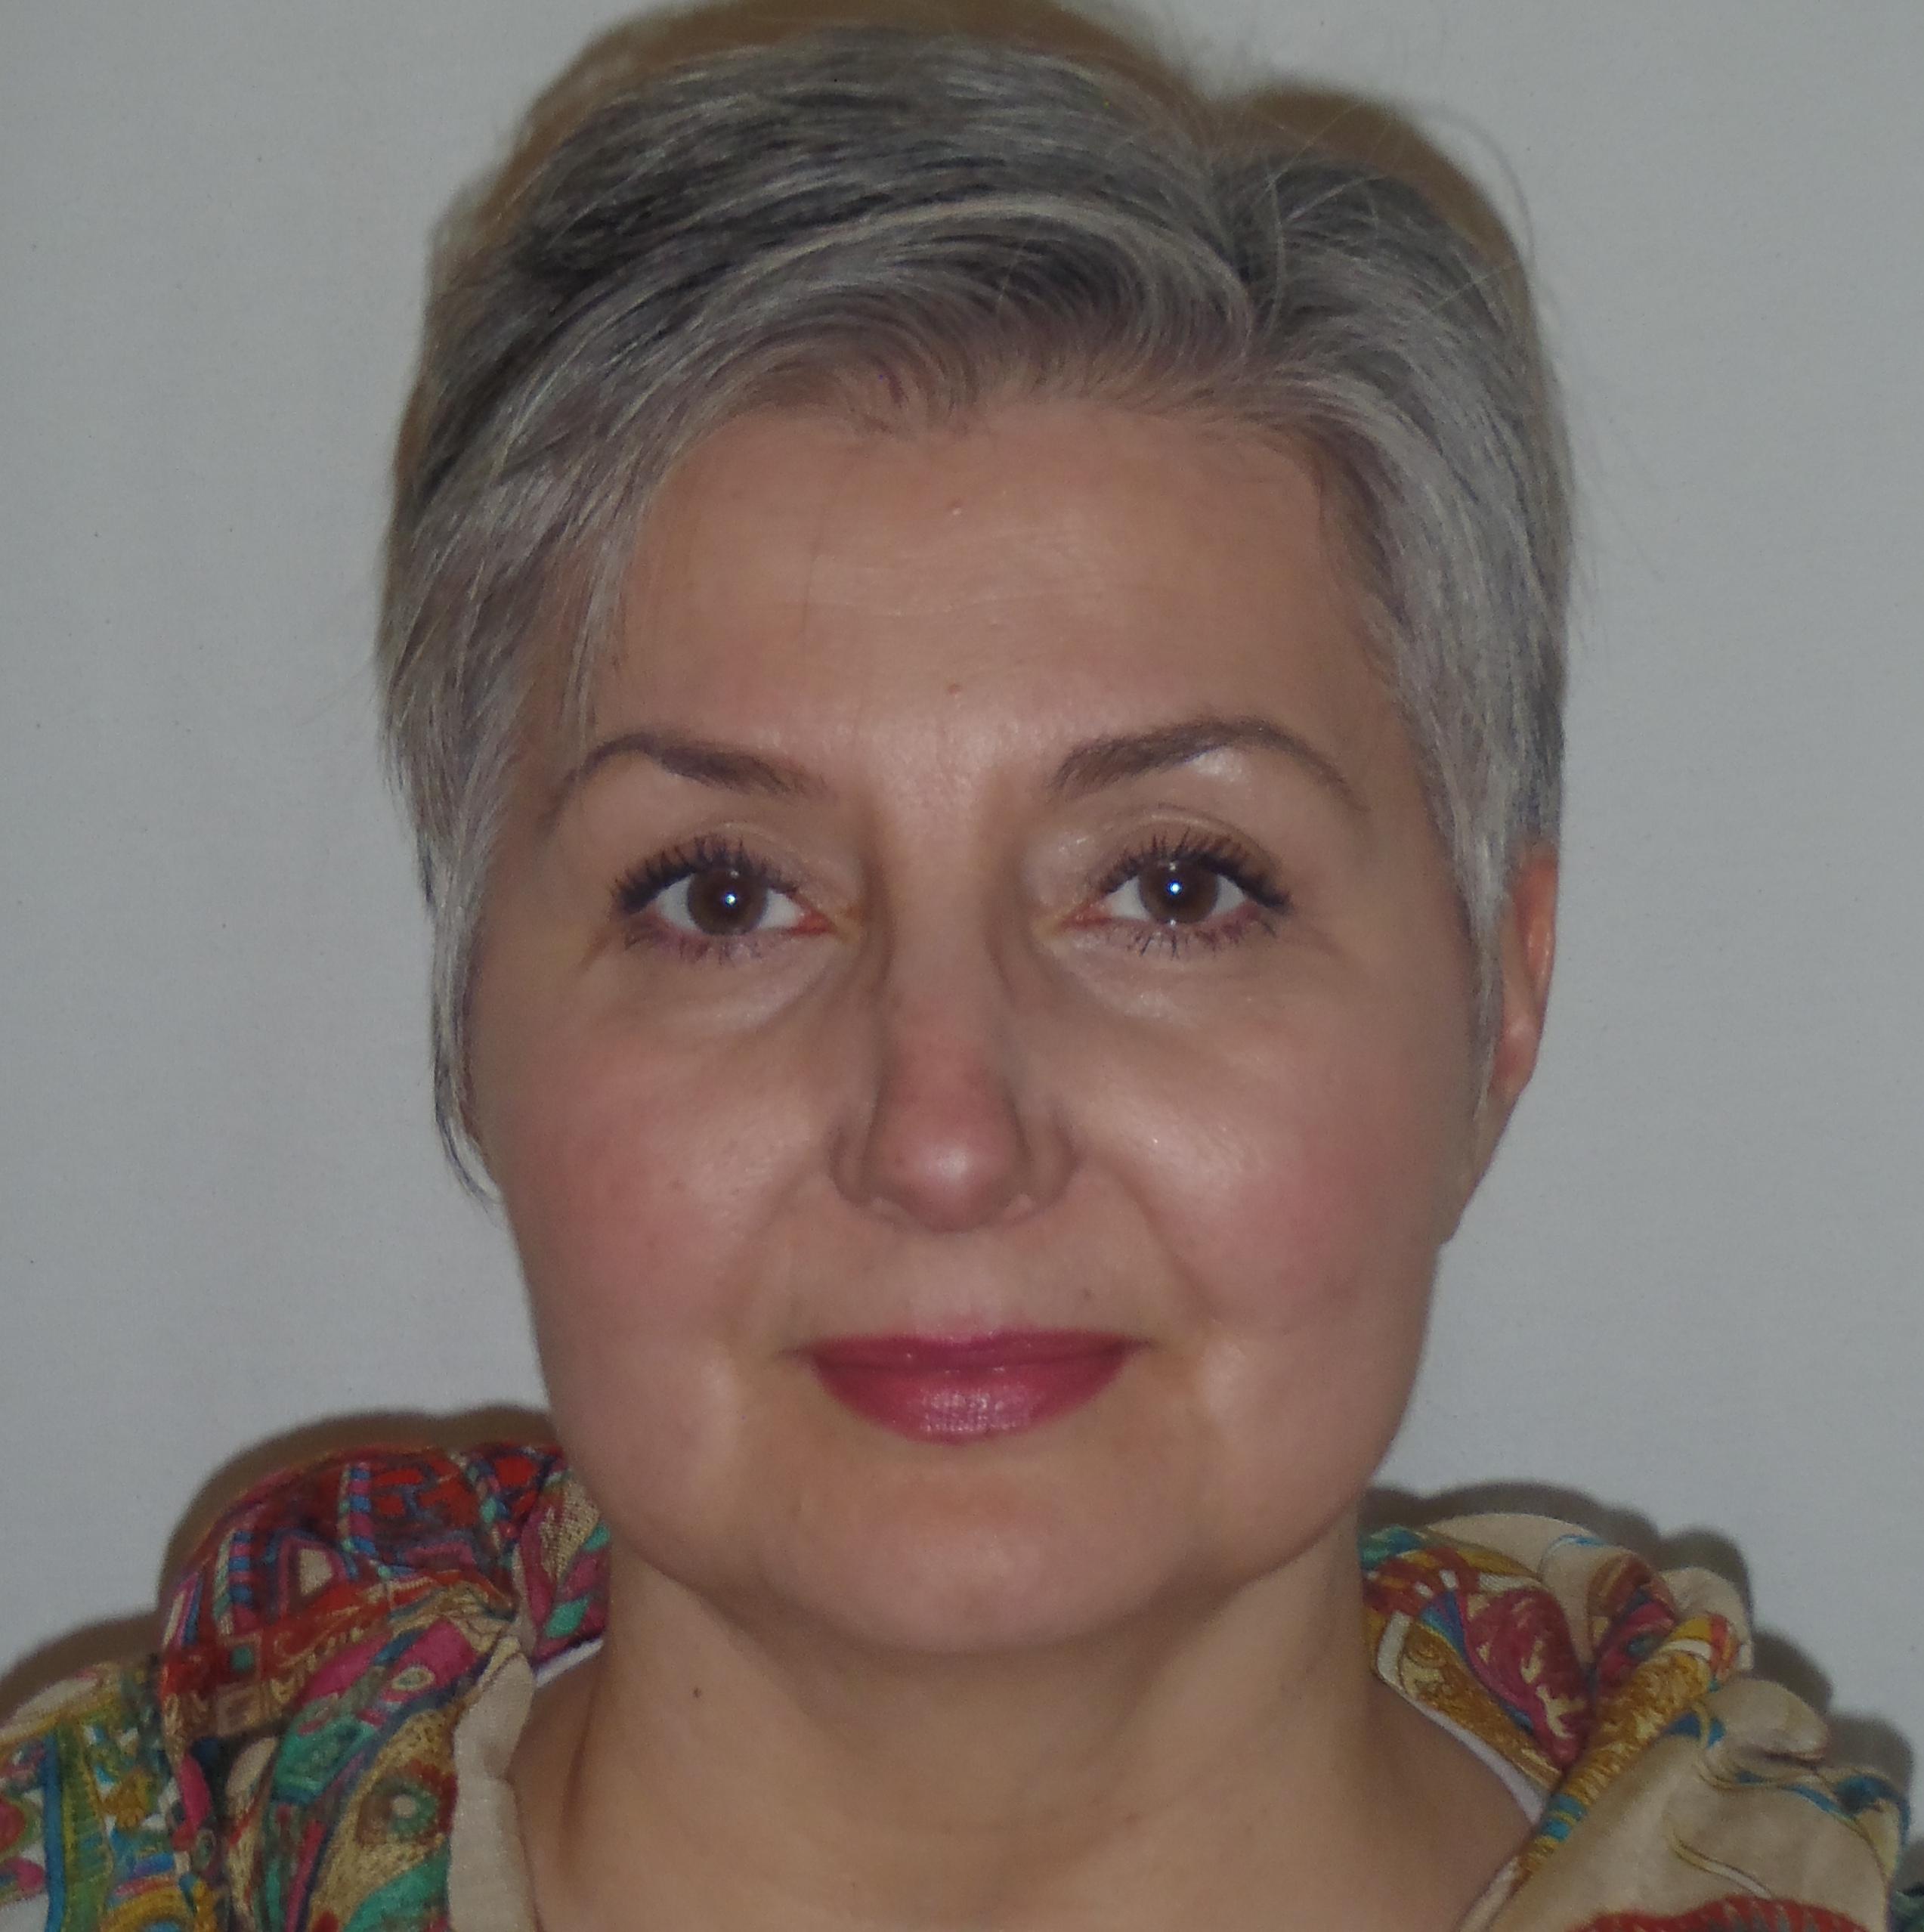 Slobodonka Hodzic